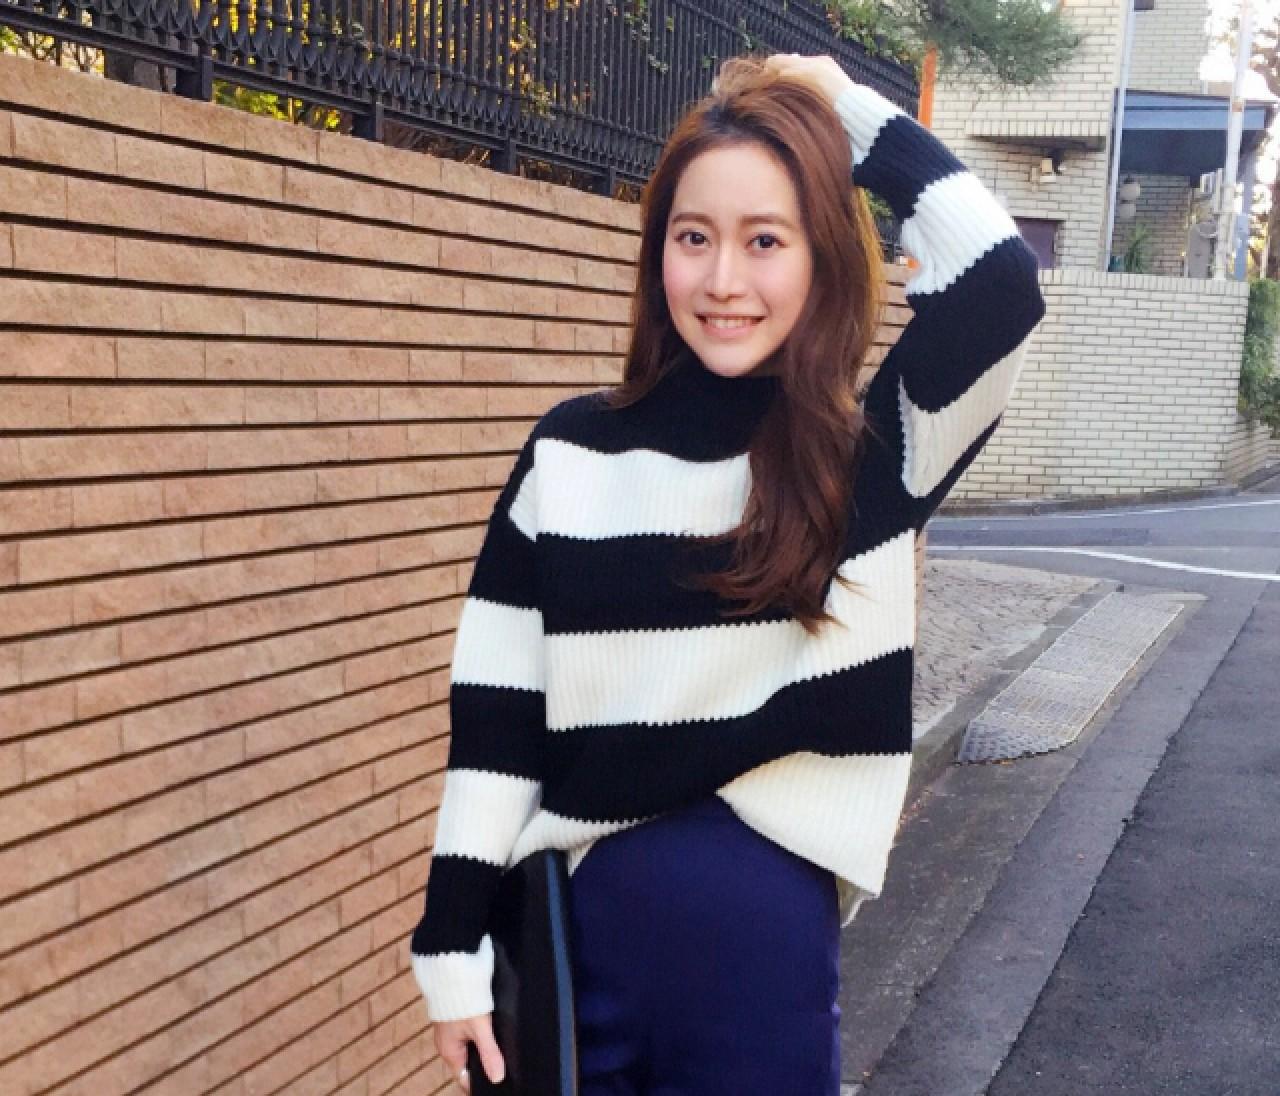 【スーパーバイラーズの #女っポイントデニム #OOTD】3/1(火)・黄 冠臻さん